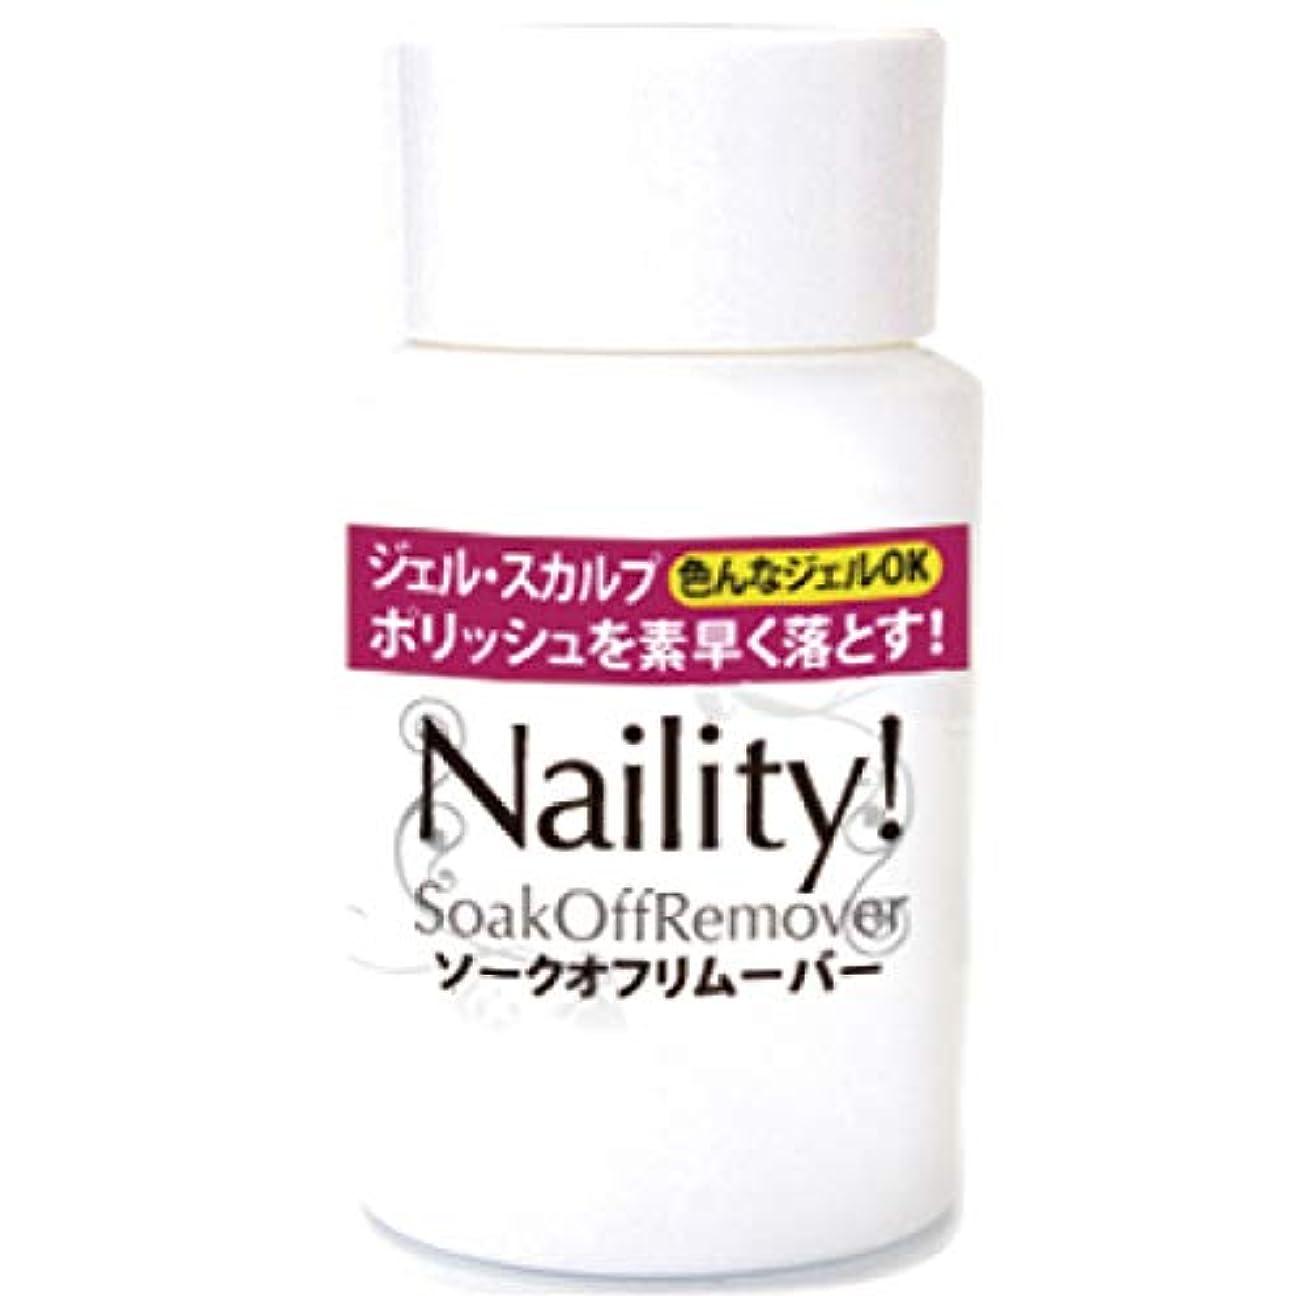 ウサギ請願者毛布Naility! ソークオフリムーバー (リフィル) 500mL